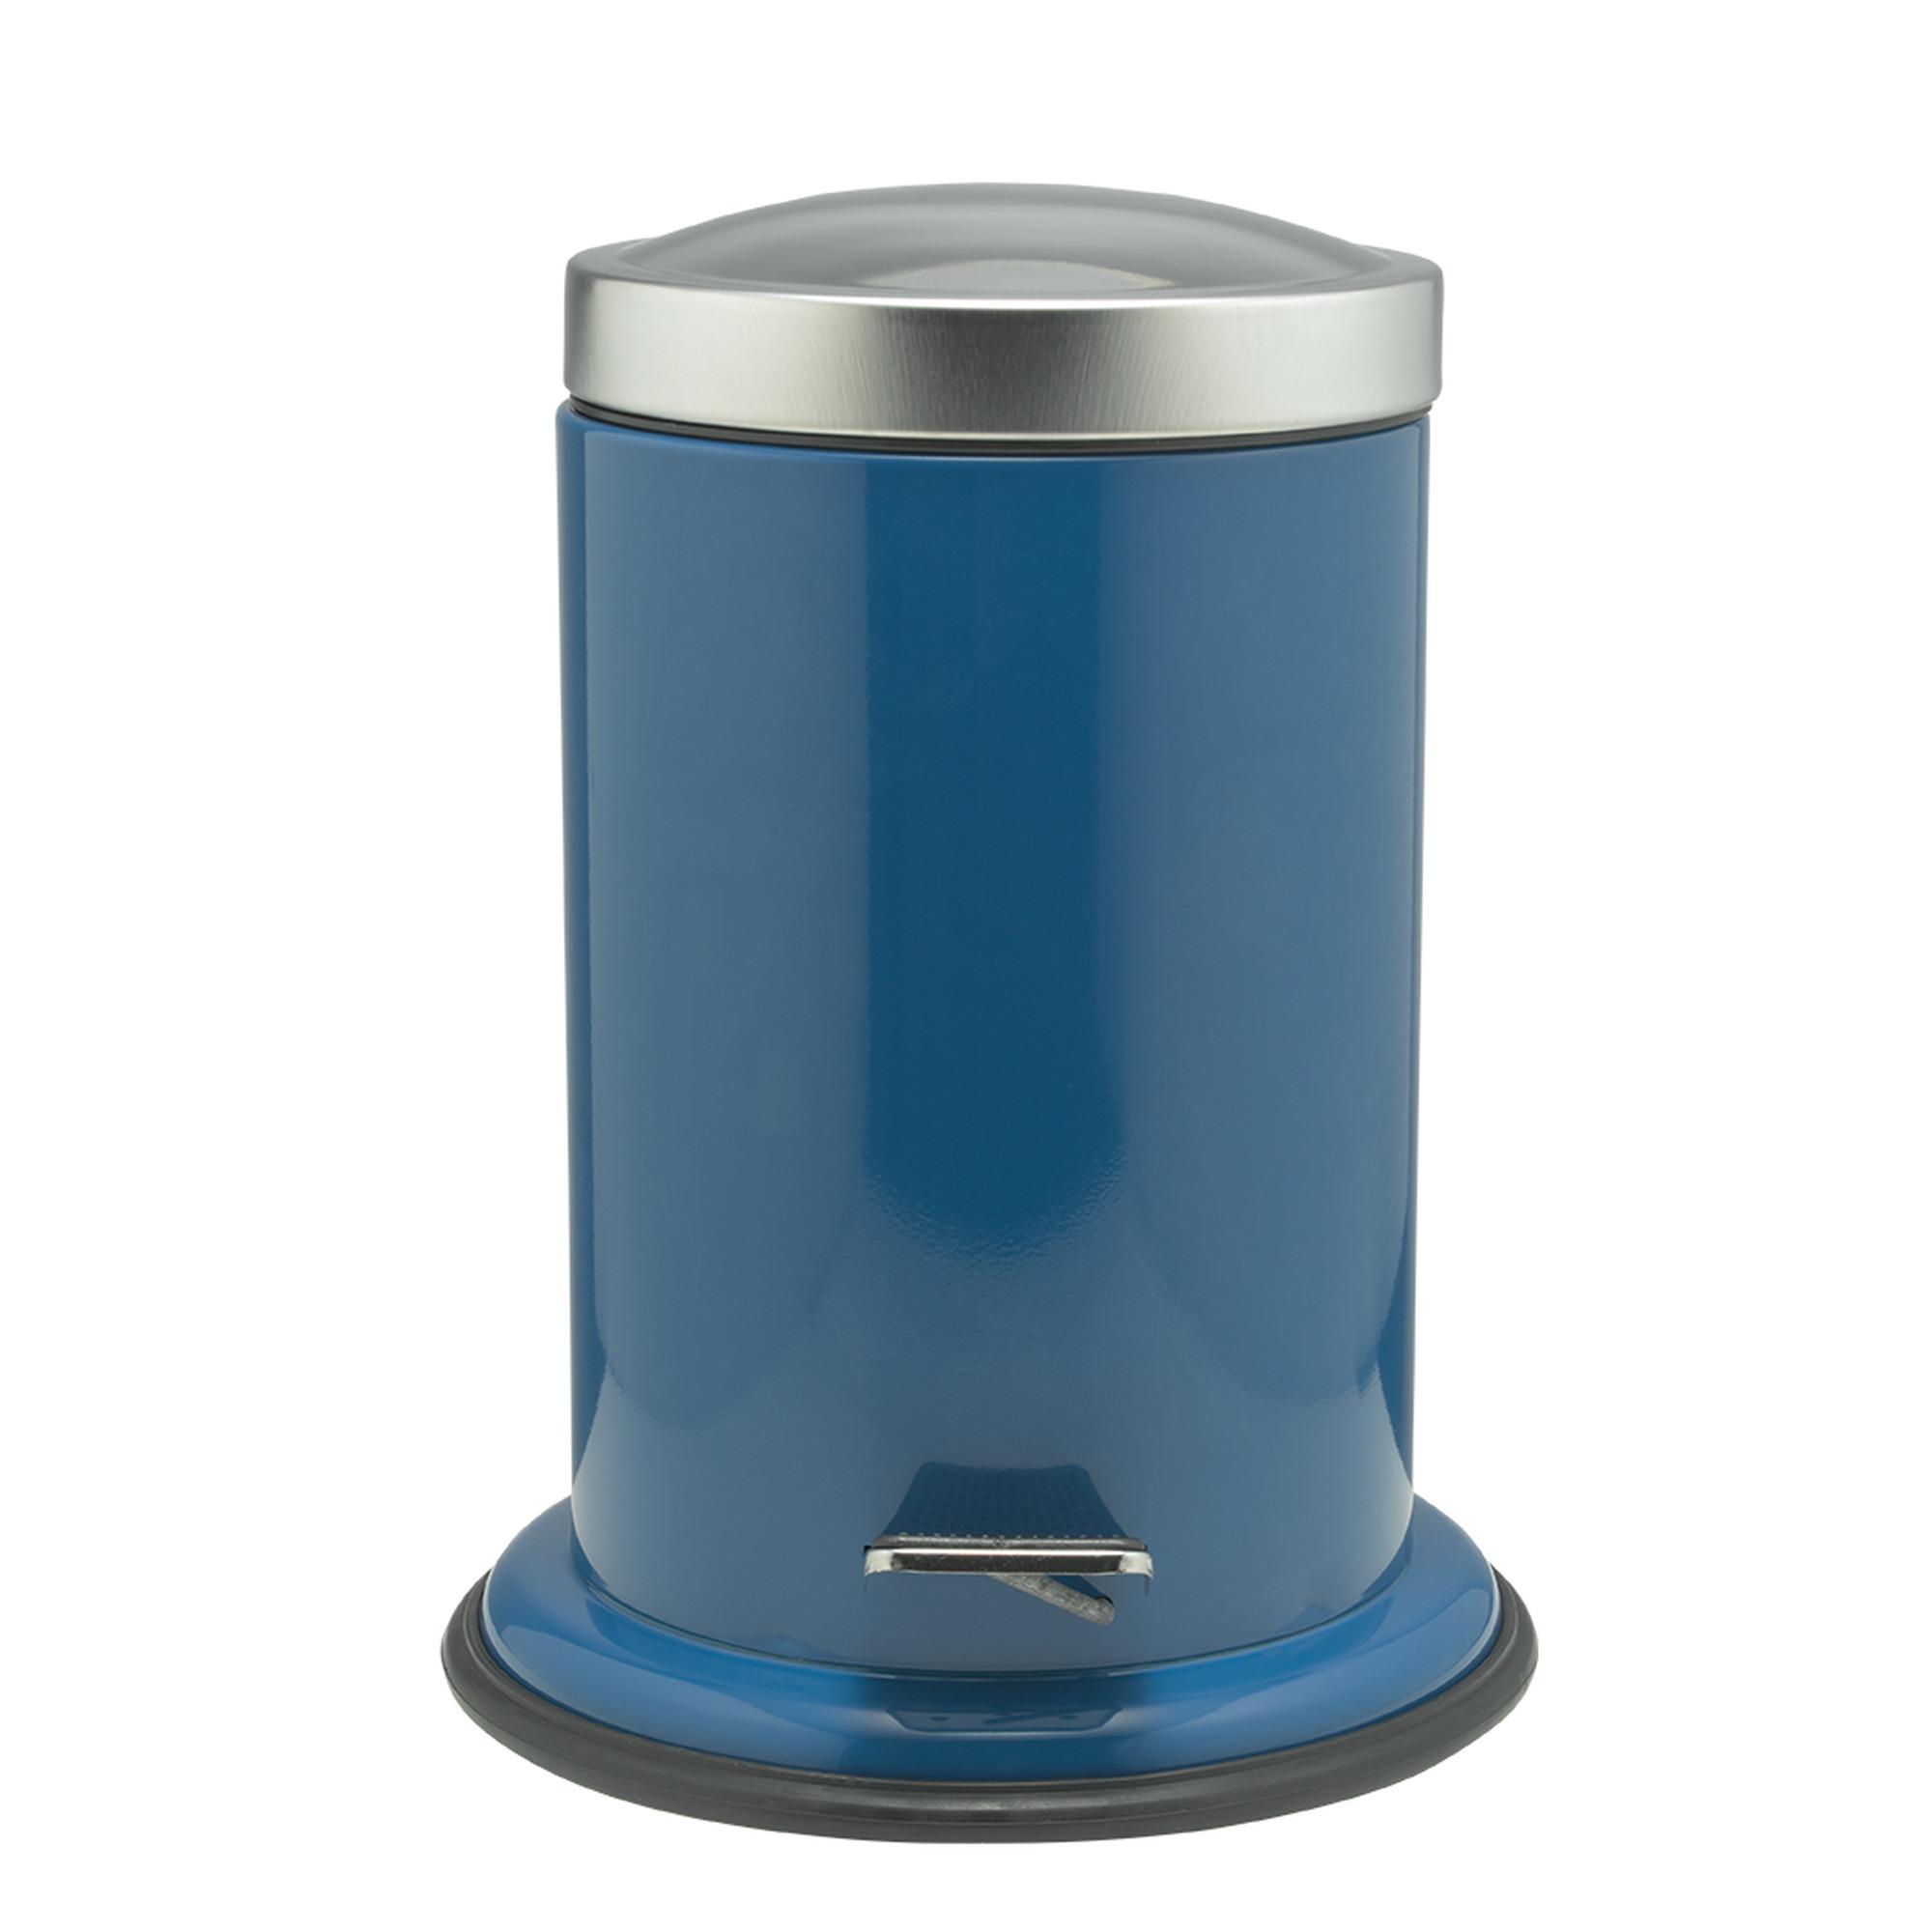 Sealskin Acero pedaalemmer 22x28cm RVS blauw